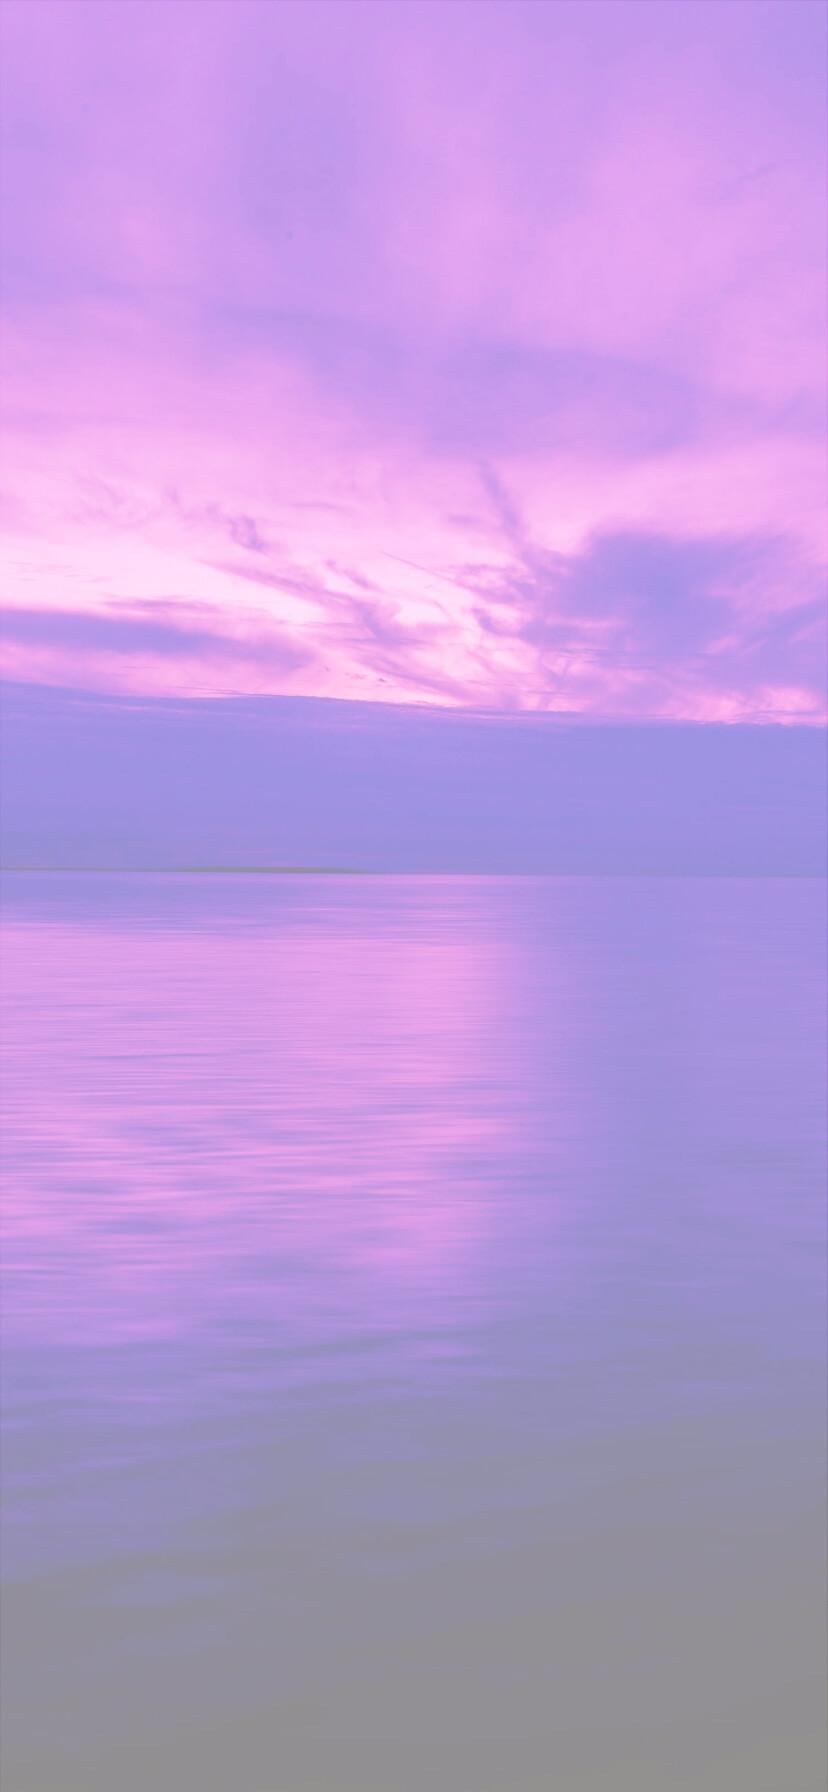 Iphone11 Iphonexrのシンプルな紫の無料壁紙 Time Fun Fun